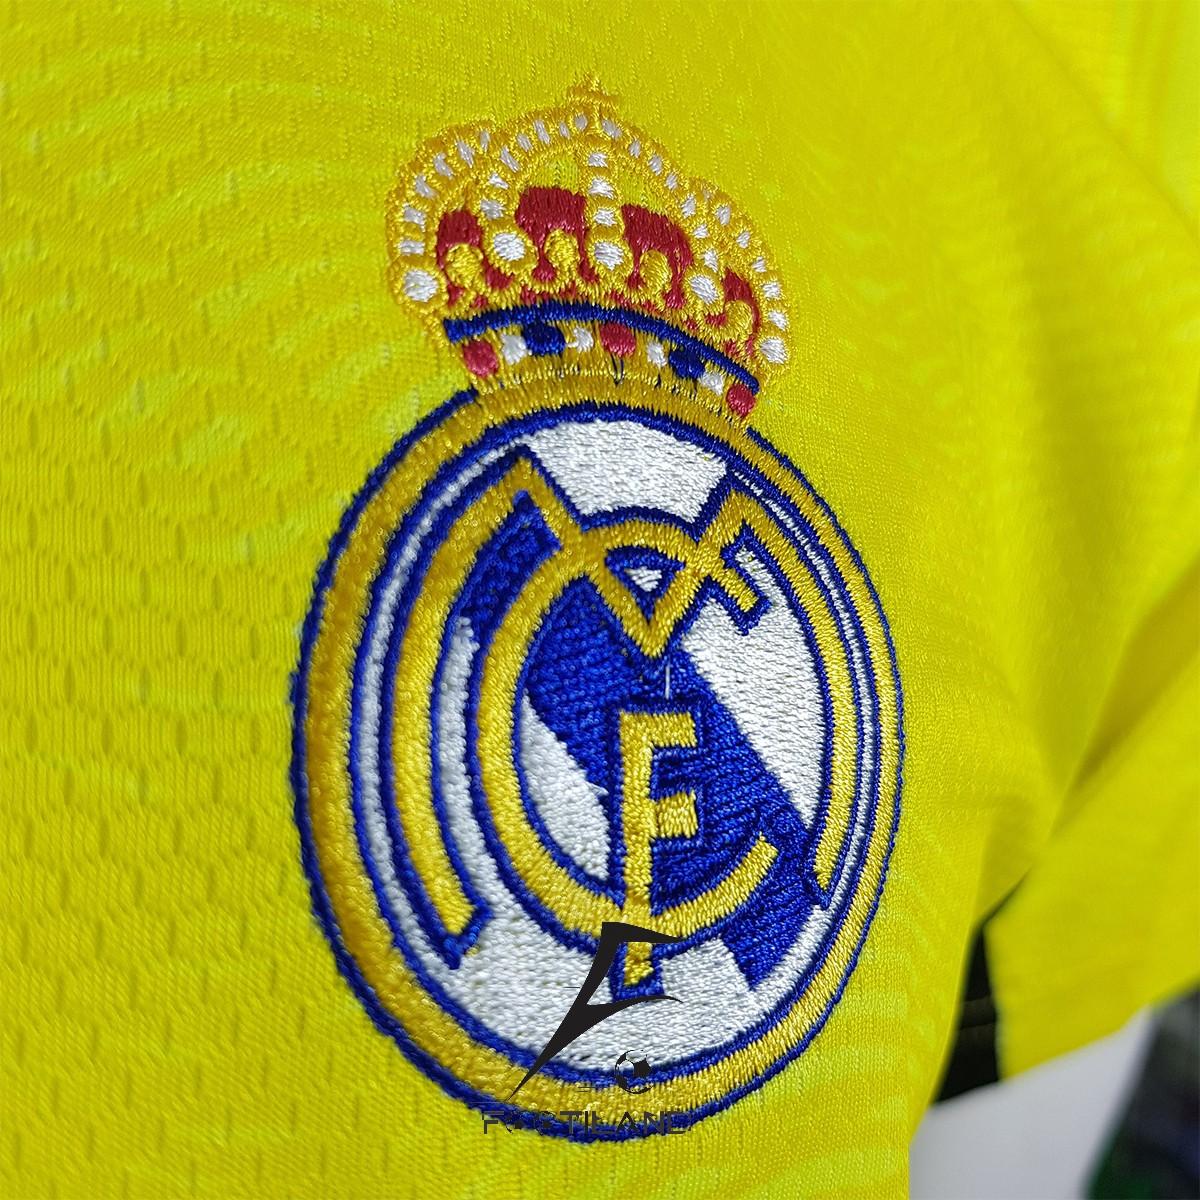 لباس دروازه بانی رئال مادرید 2022